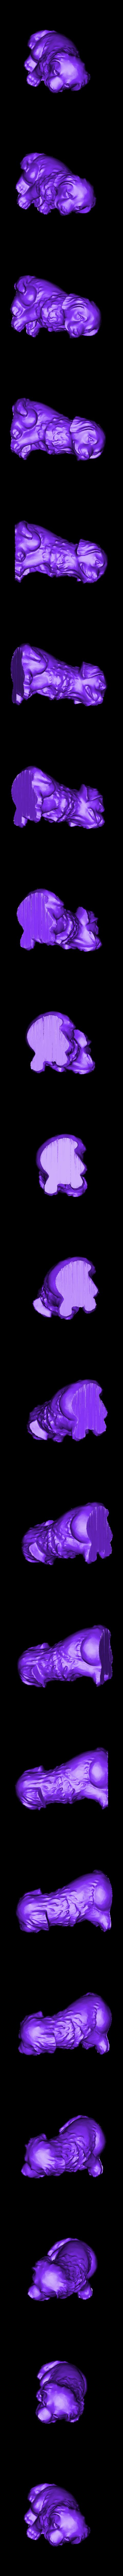 puppy.stl Télécharger fichier STL gratuit chiot • Design à imprimer en 3D, stlfilesfree